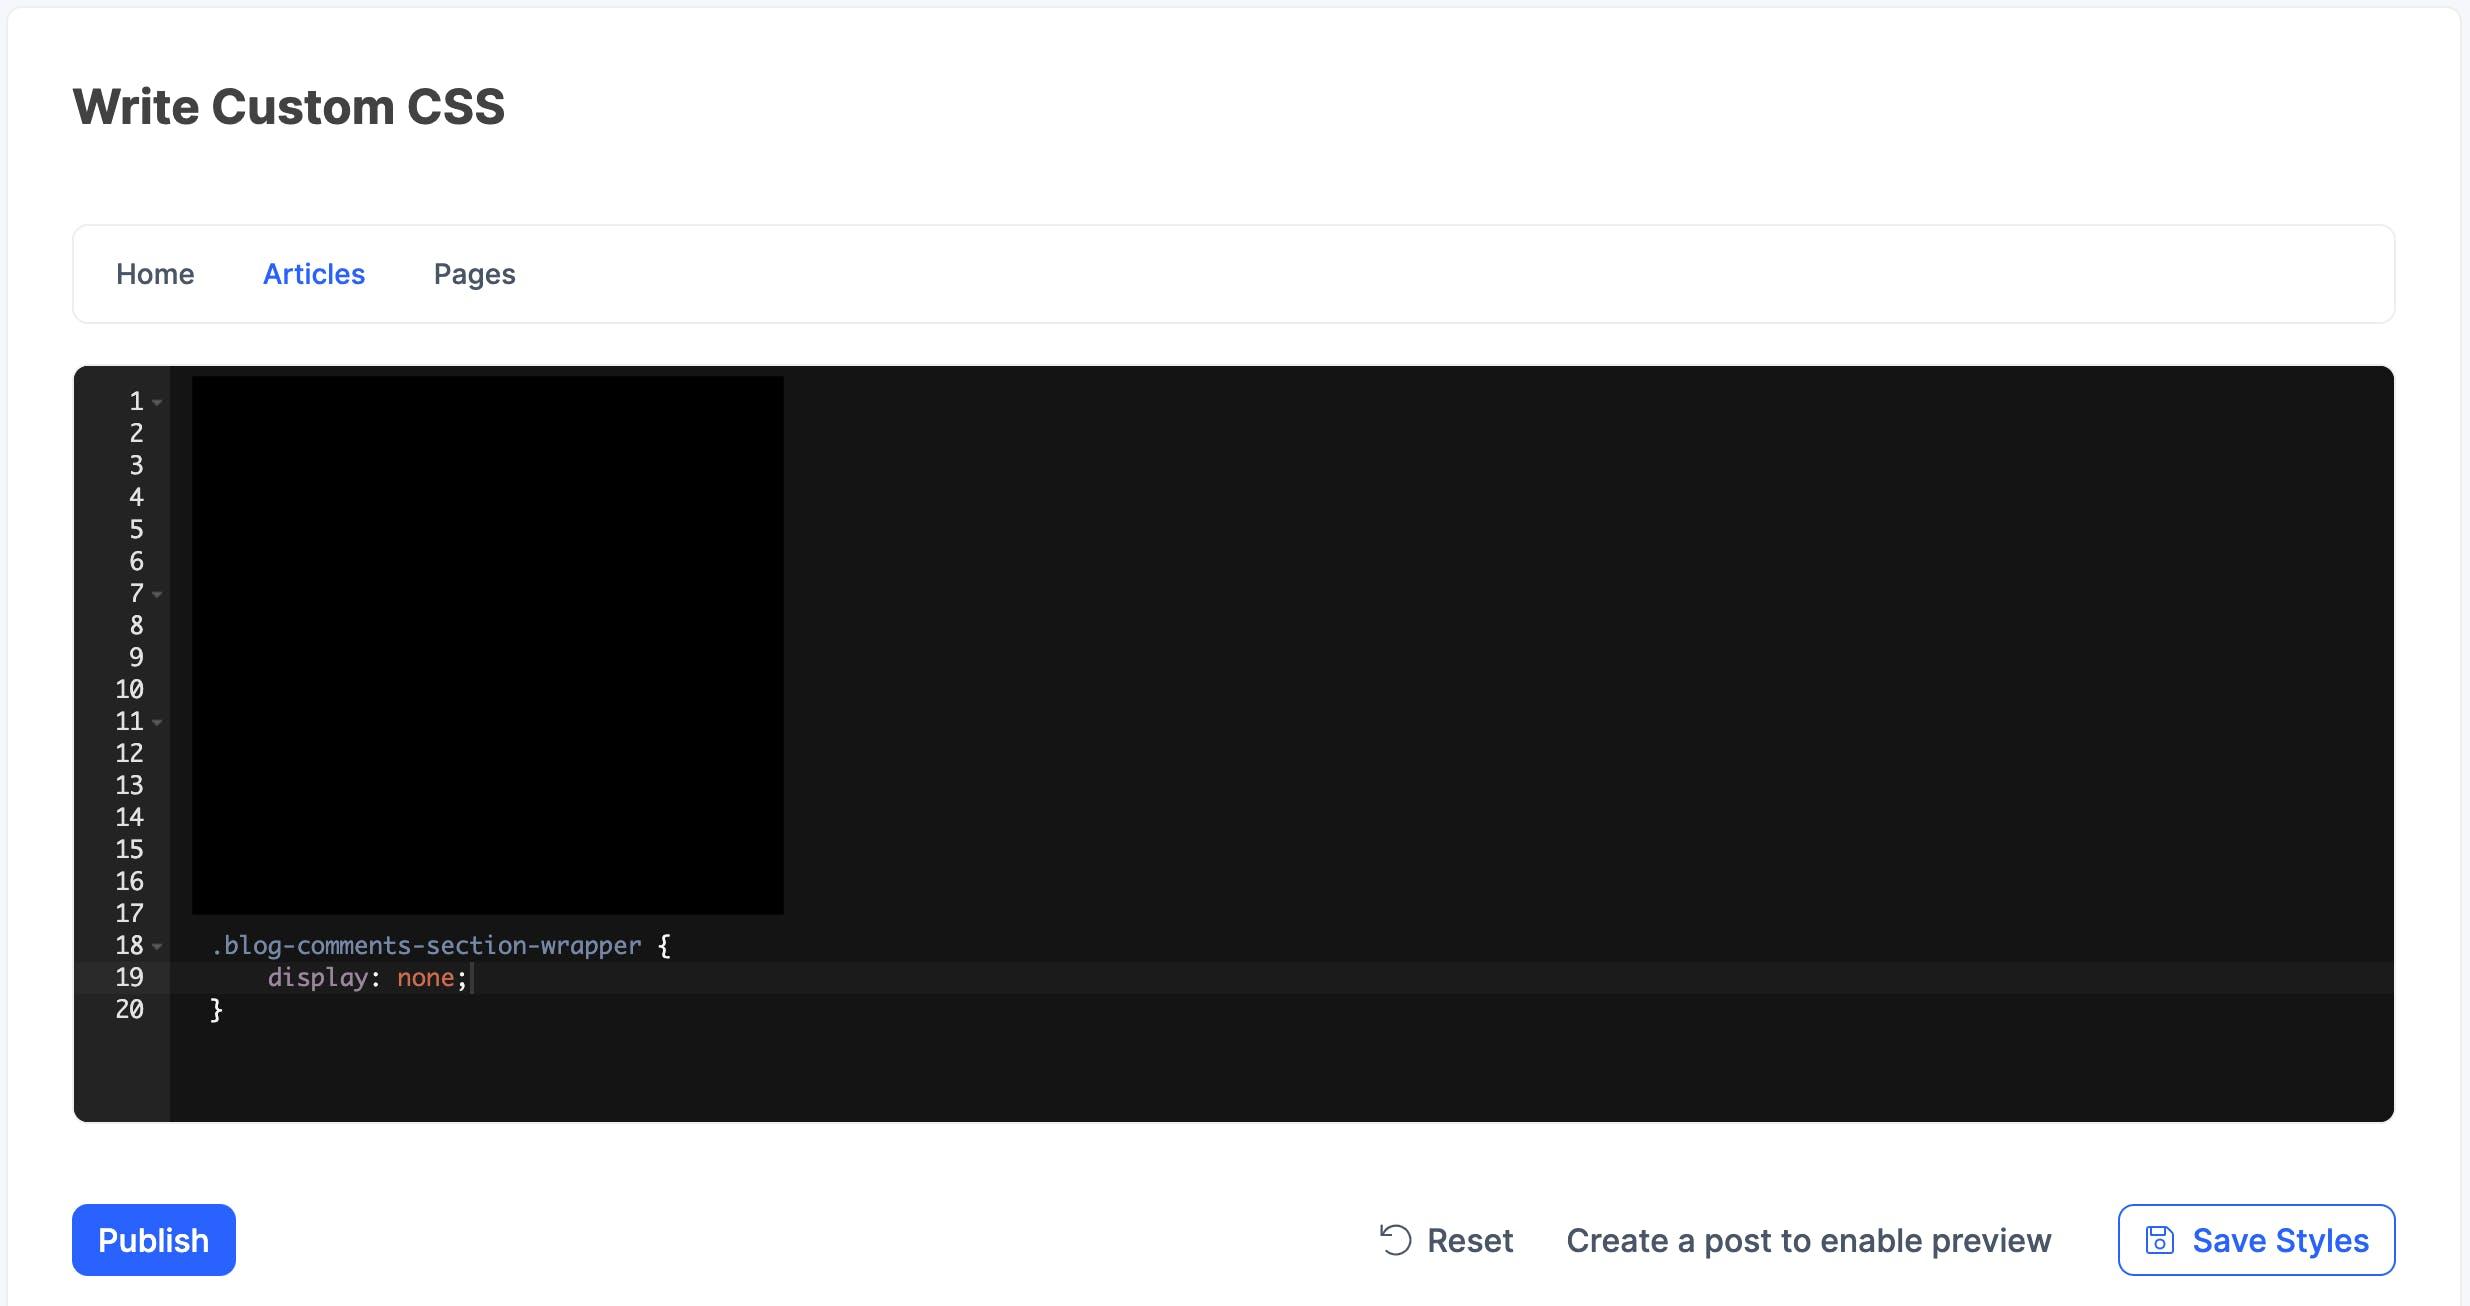 Screenshot 2020-10-05 at 10.07.12.png